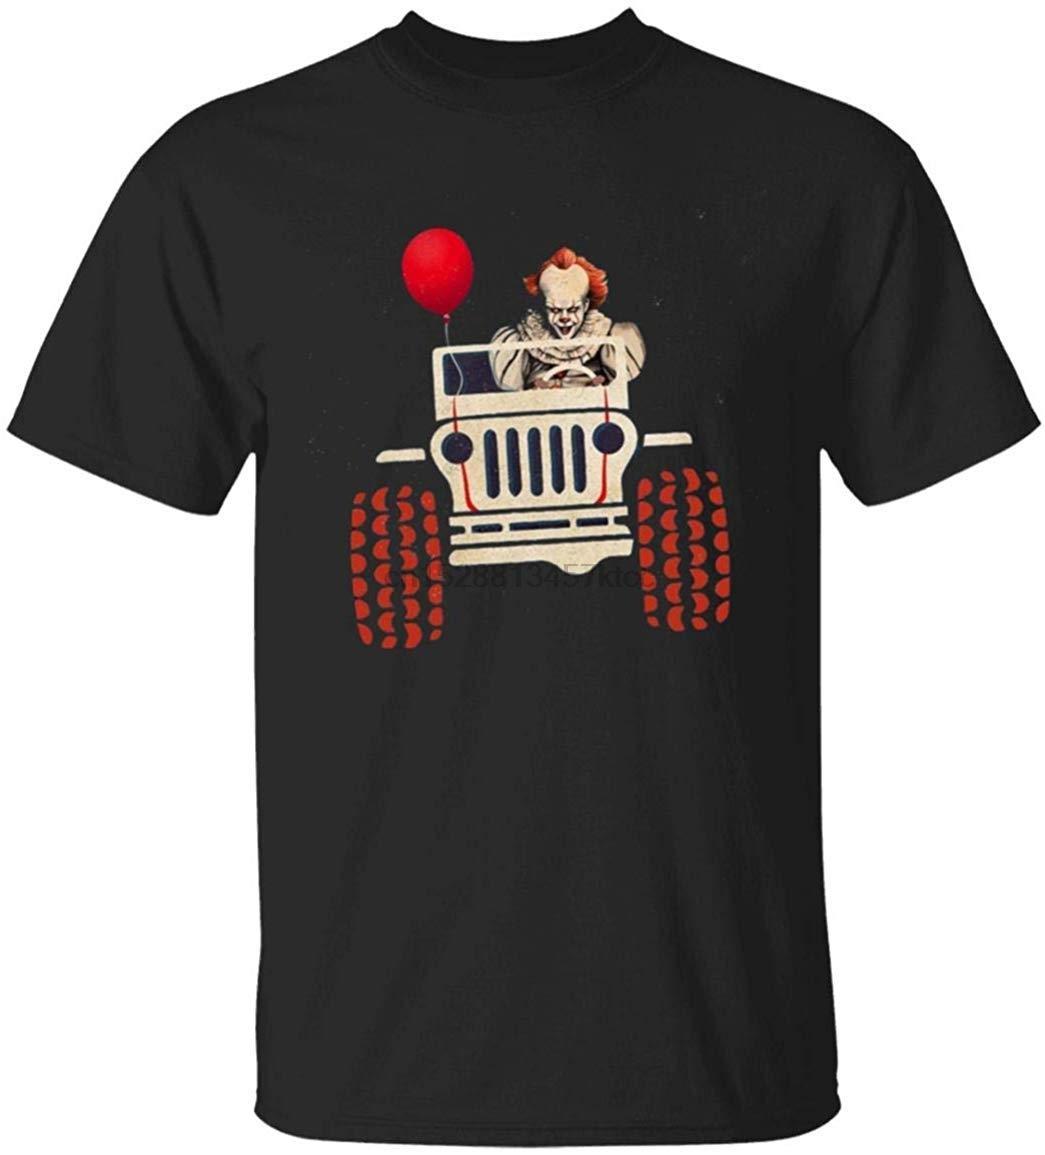 Pennywise Eles todos flutuador camiseta Homens Mulheres Camiseta Impresso Digital